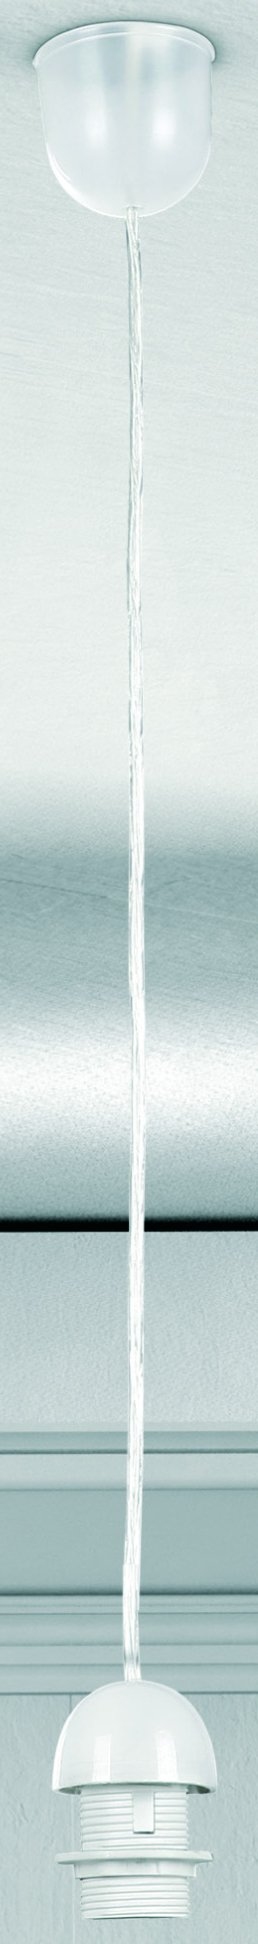 Светильник подвесной Globo A1Одиночные<br><br><br>S освещ. до, м2: 3<br>Тип лампы: Накаливания / энергосбережения / светодиодная<br>Тип цоколя: E27<br>Цвет арматуры: белый<br>Количество ламп: 1<br>Диаметр, мм мм: 70<br>Высота, мм: 1000<br>MAX мощность ламп, Вт: 60